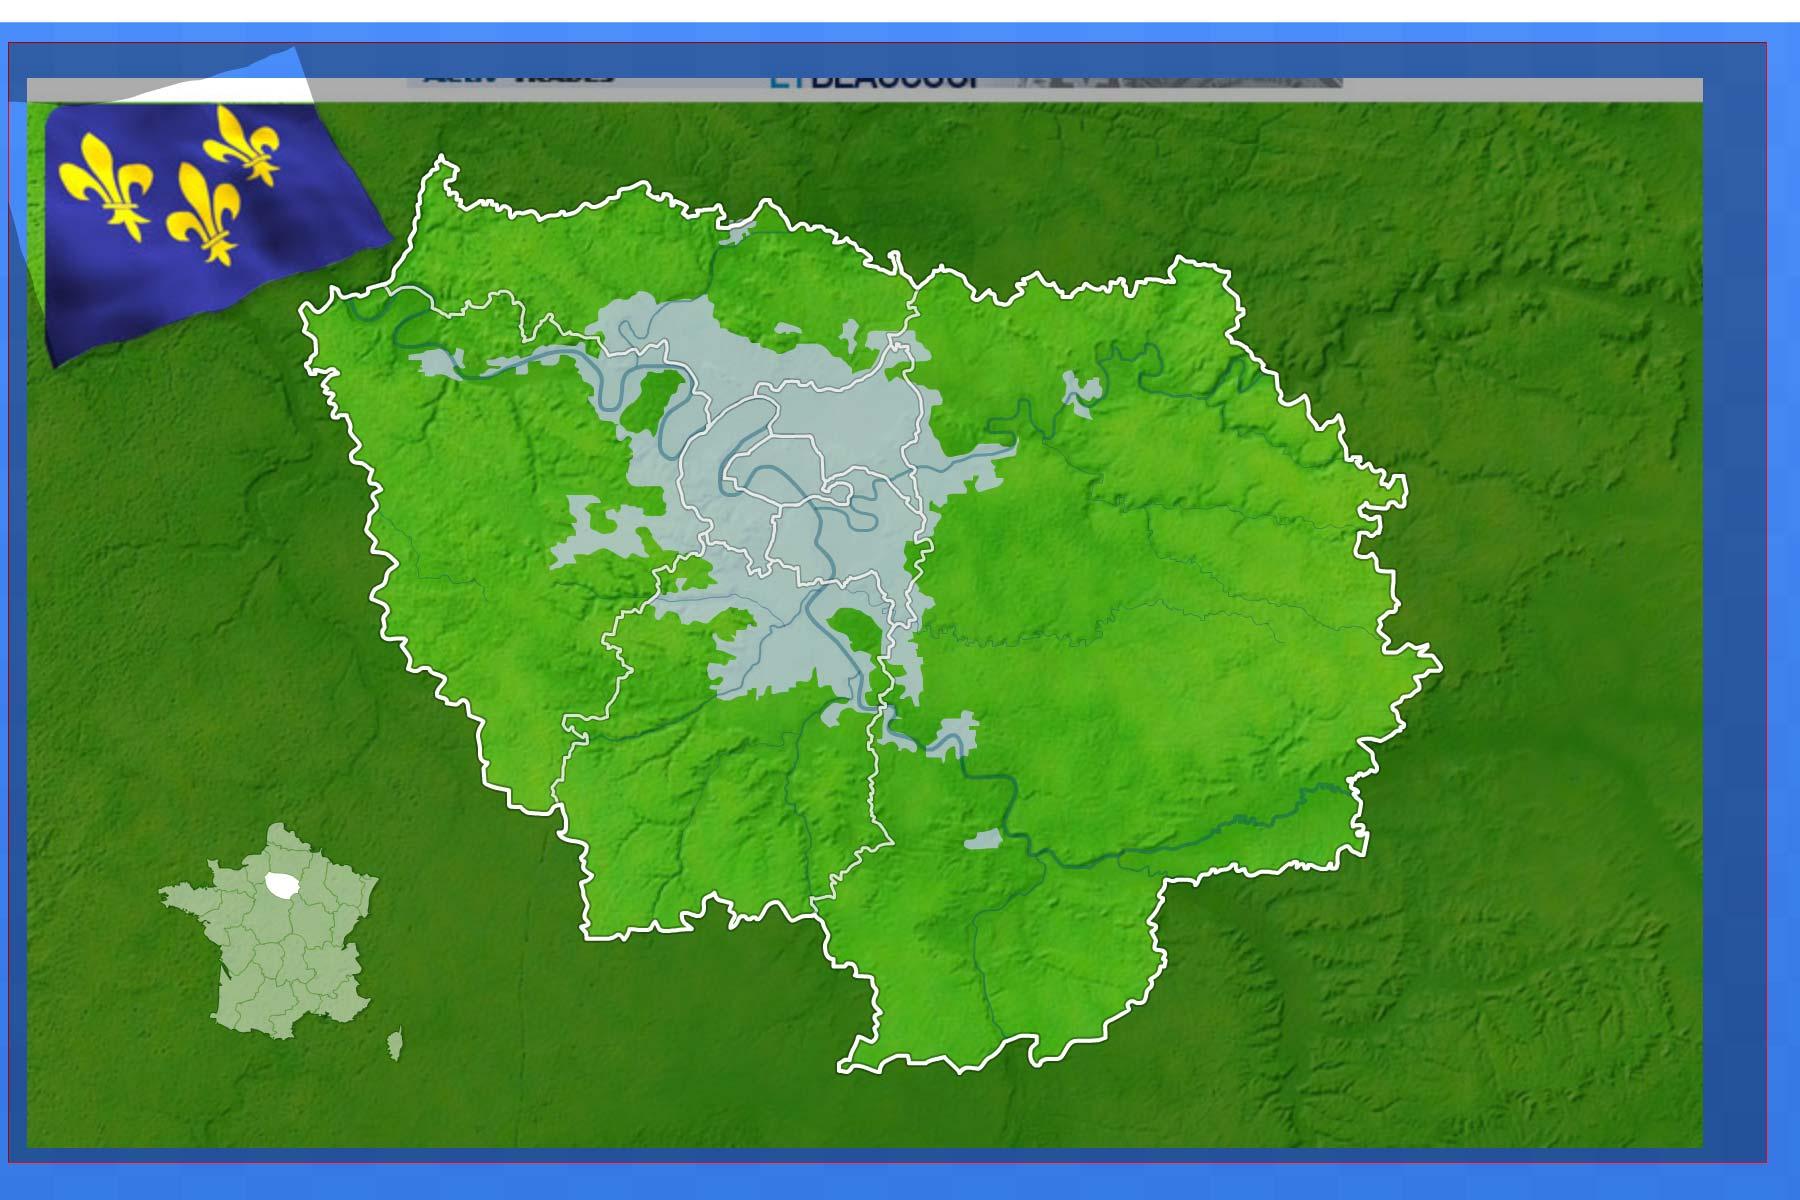 Jeux-Geographiques Jeux Gratuits Villes D Ile De France destiné Jeu Geographie France